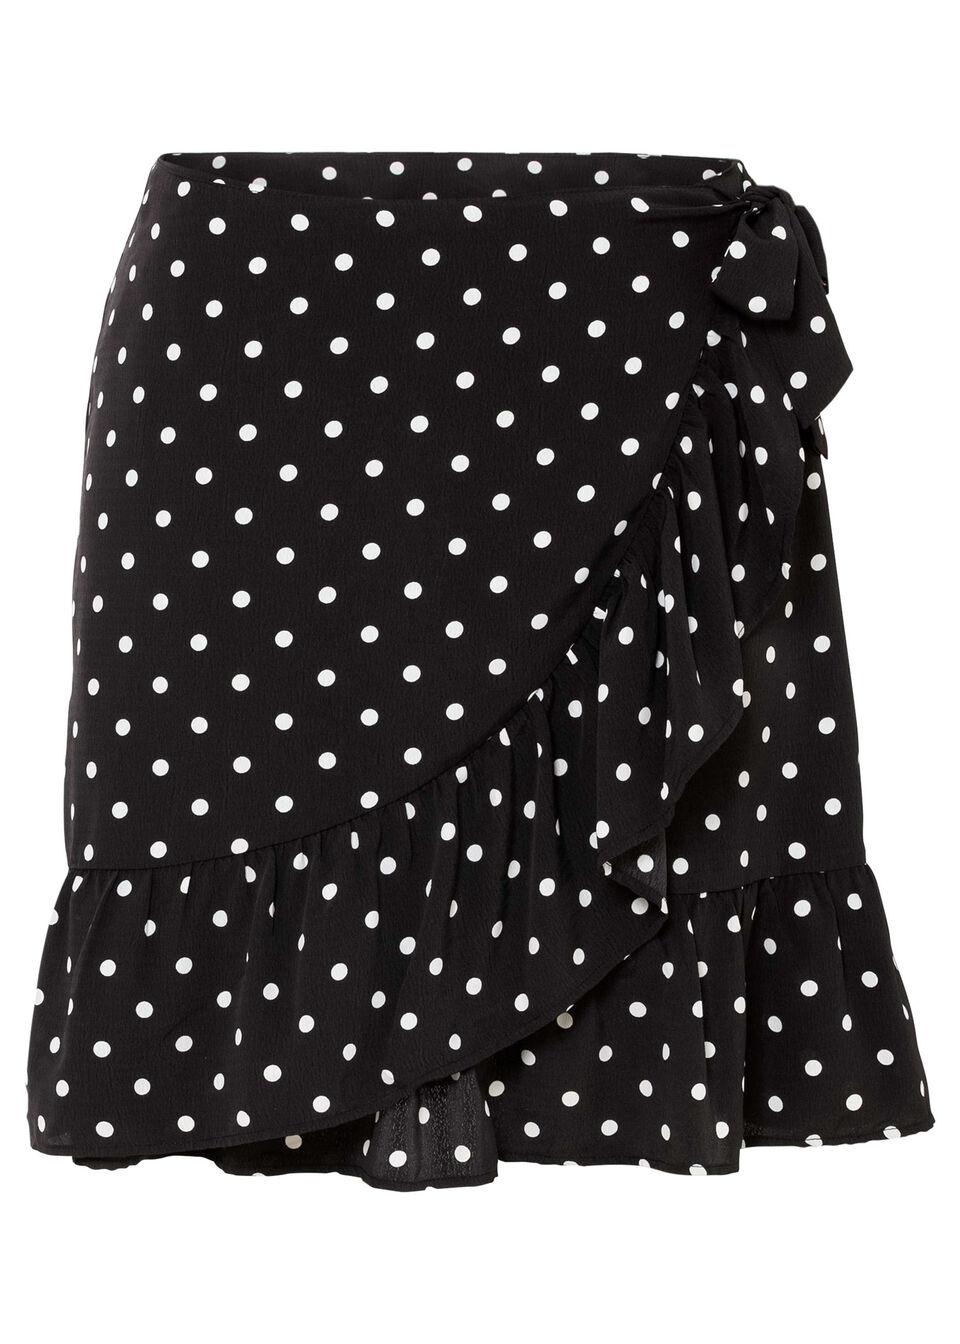 Spódnica kopertowa bonprix czarno-biel wełny w kropki